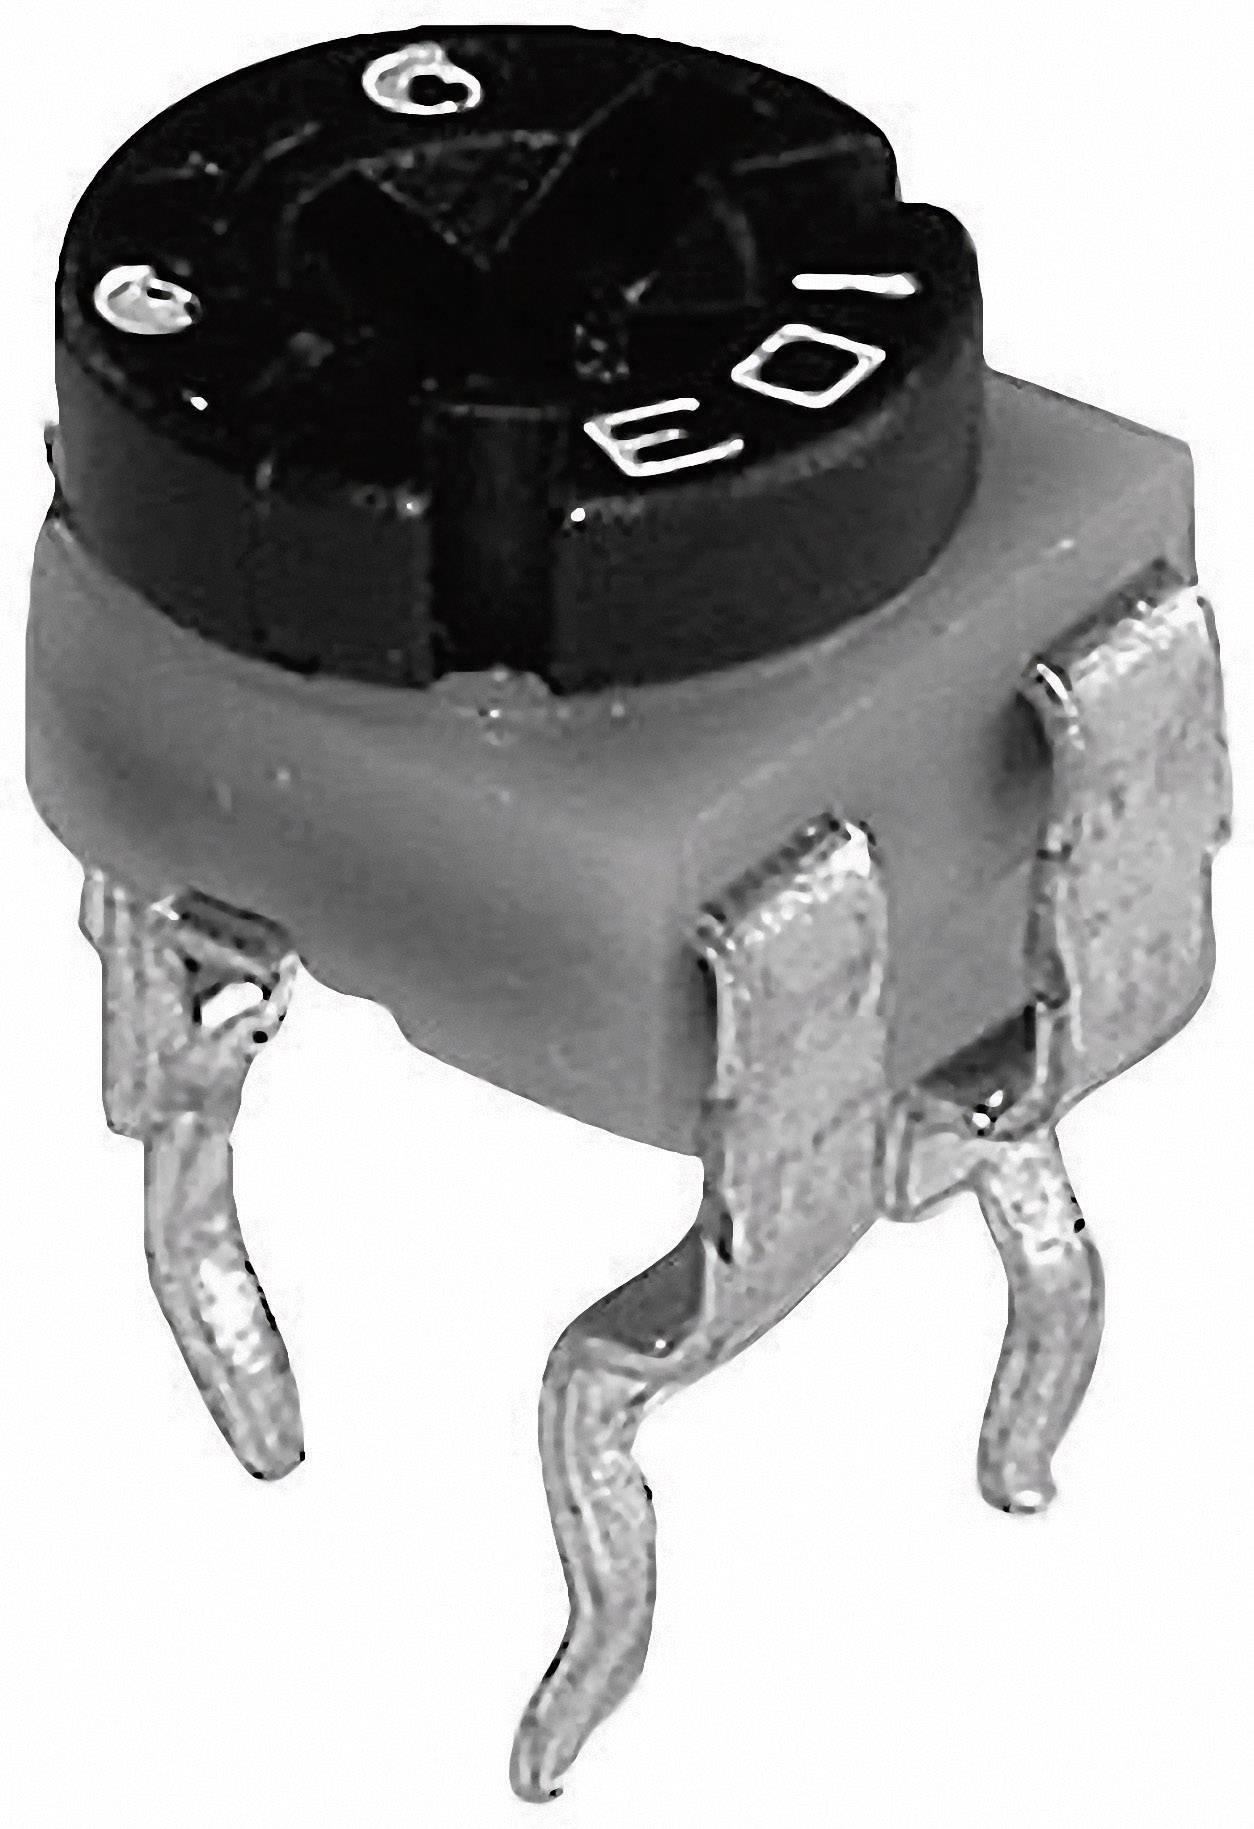 Uhlíkový trimr TT Electro, 601030, 10 kΩ, 0,1 W, ± 30 %